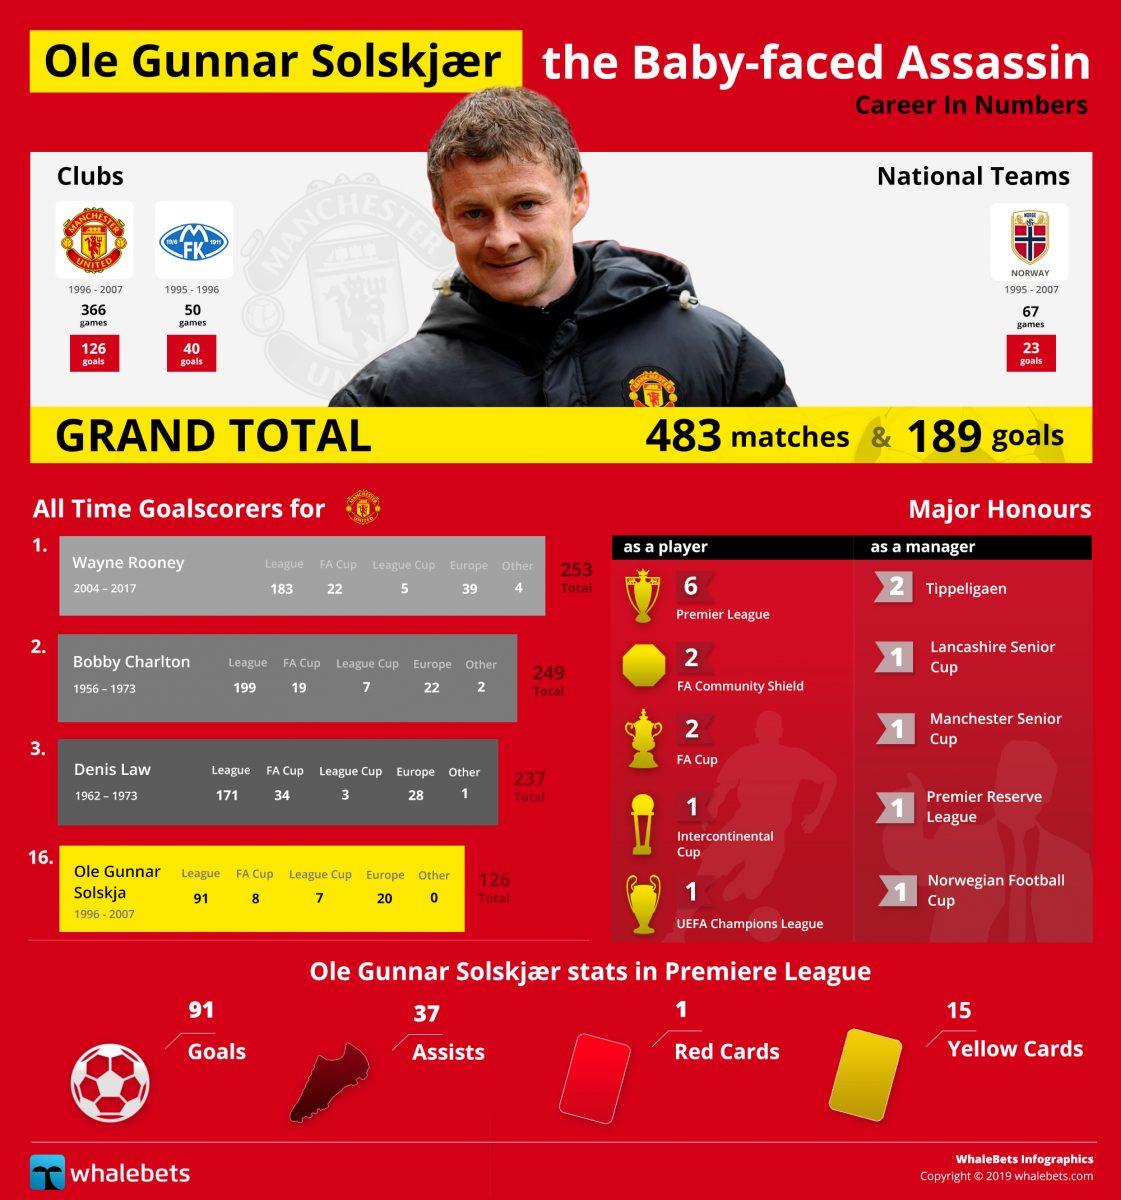 Ole Gunnar Solskjær - The Baby-faced Assassin